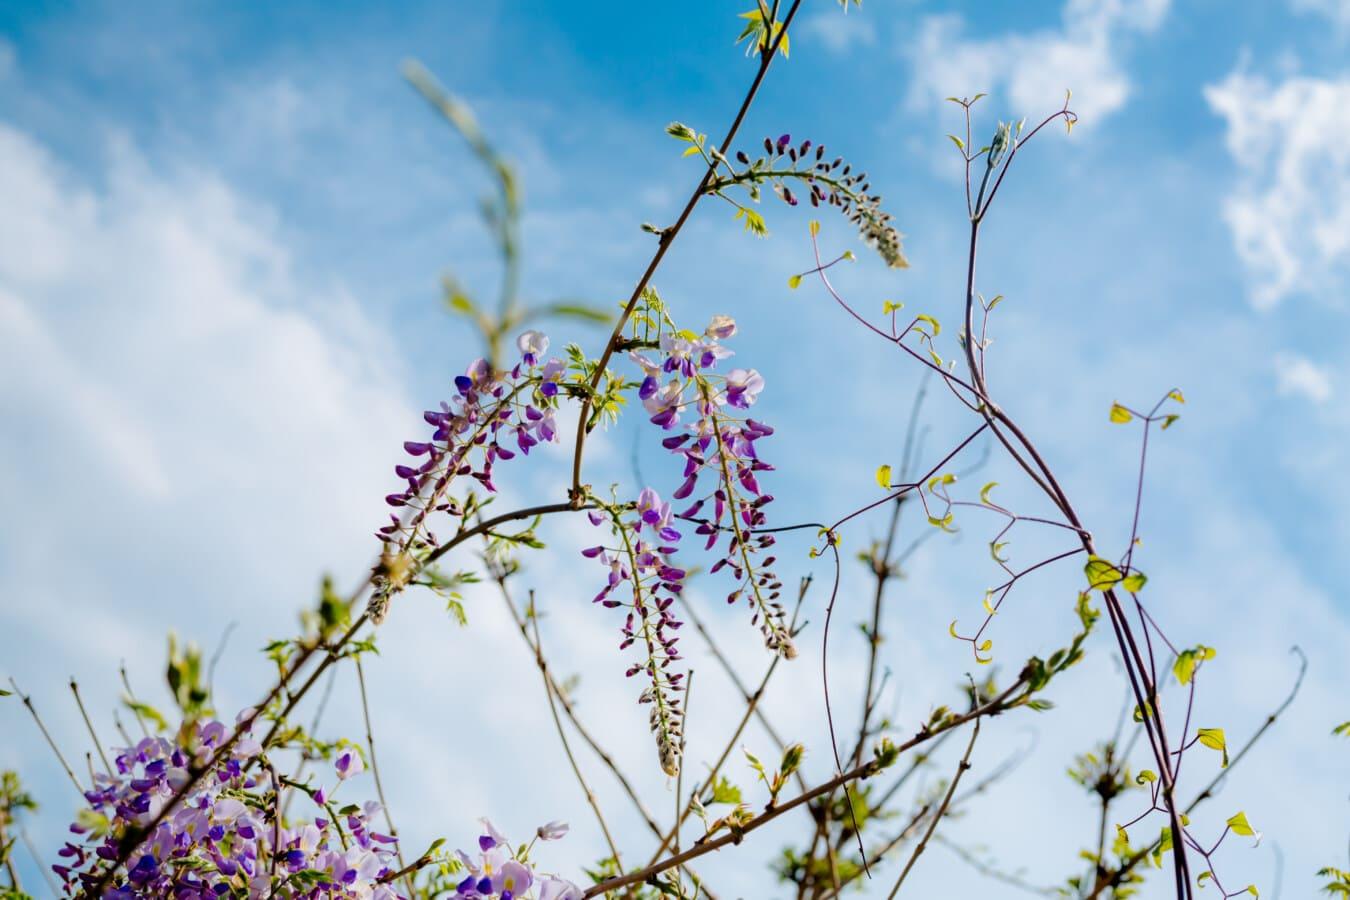 bahar zamanı, Akasya, morumsu, çiçekler, dal, Şube, bitki, yaprak, ağaç, çiçek